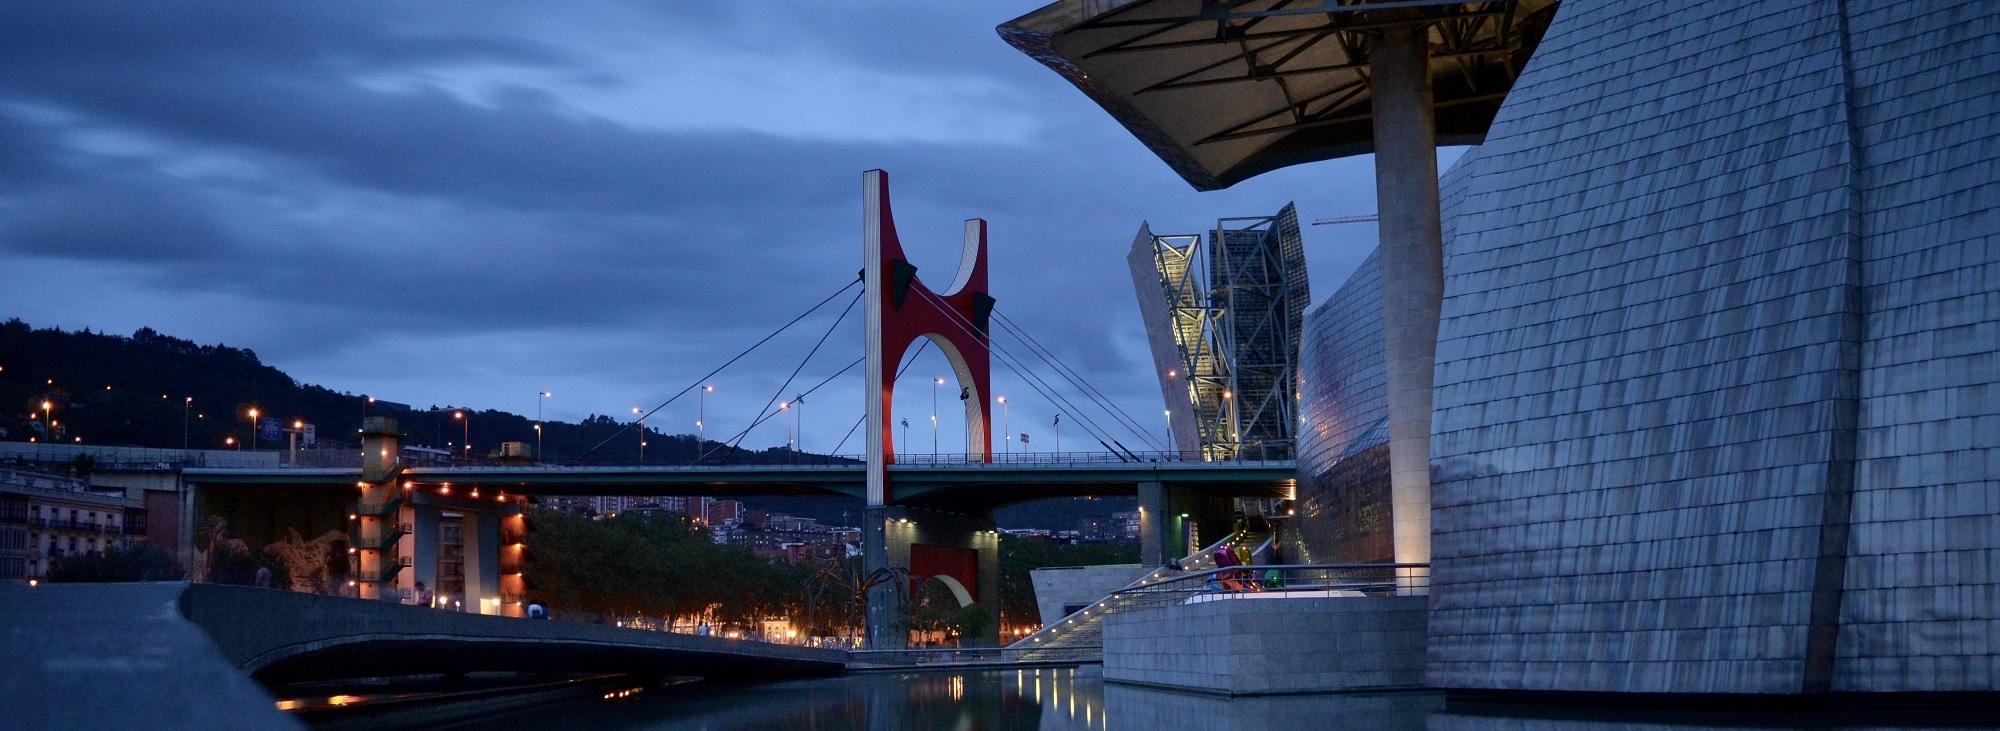 Bezienswaardigheden in Bilbao